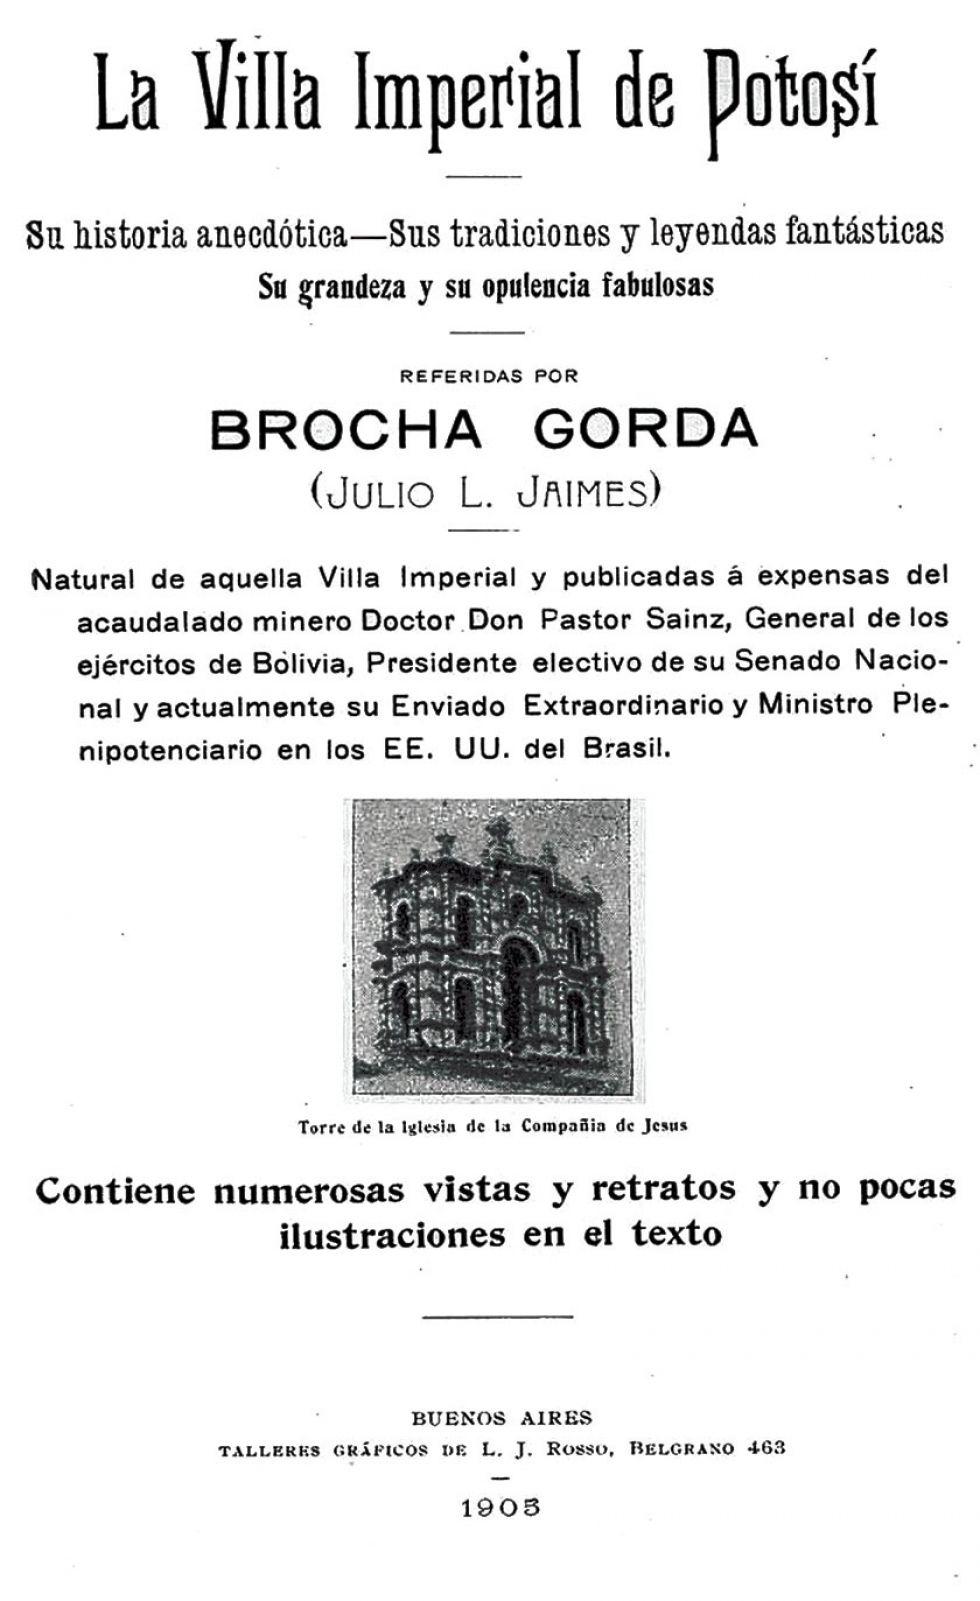 Libro de Lucas Jaimes en el que aparece la foto de los Ch'utillos.